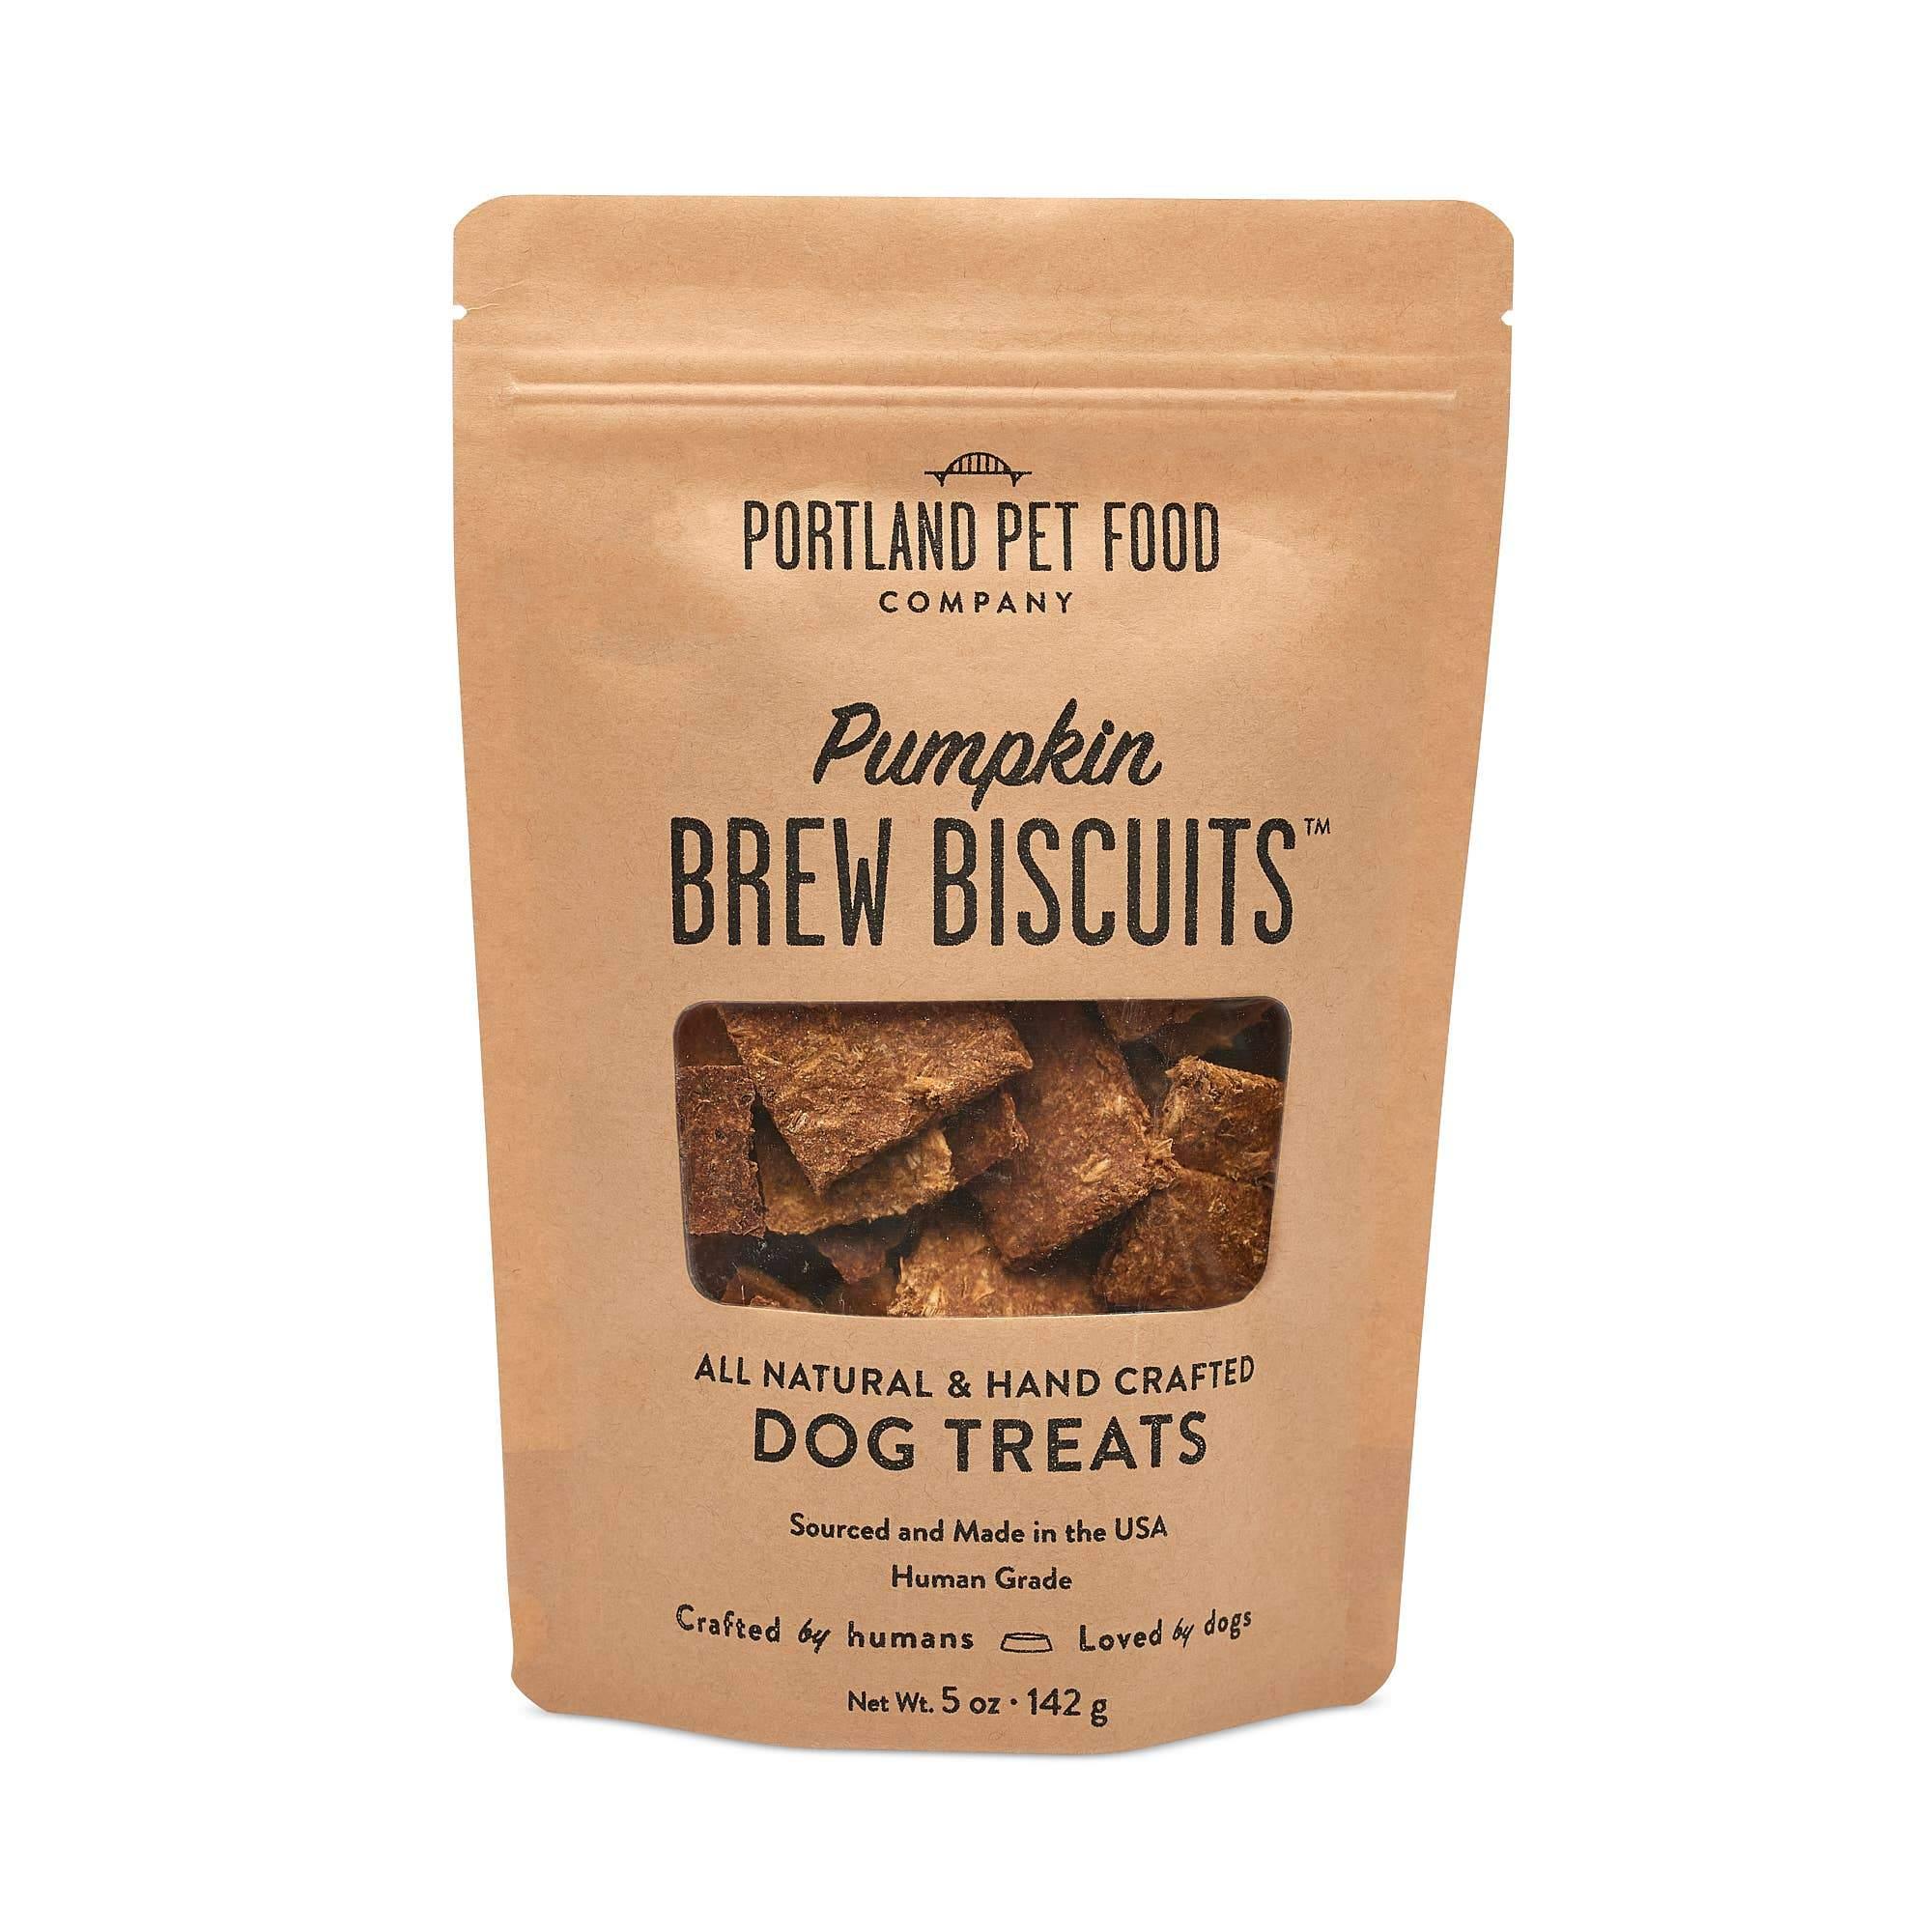 Pumpkin Brew Dog Biscuits